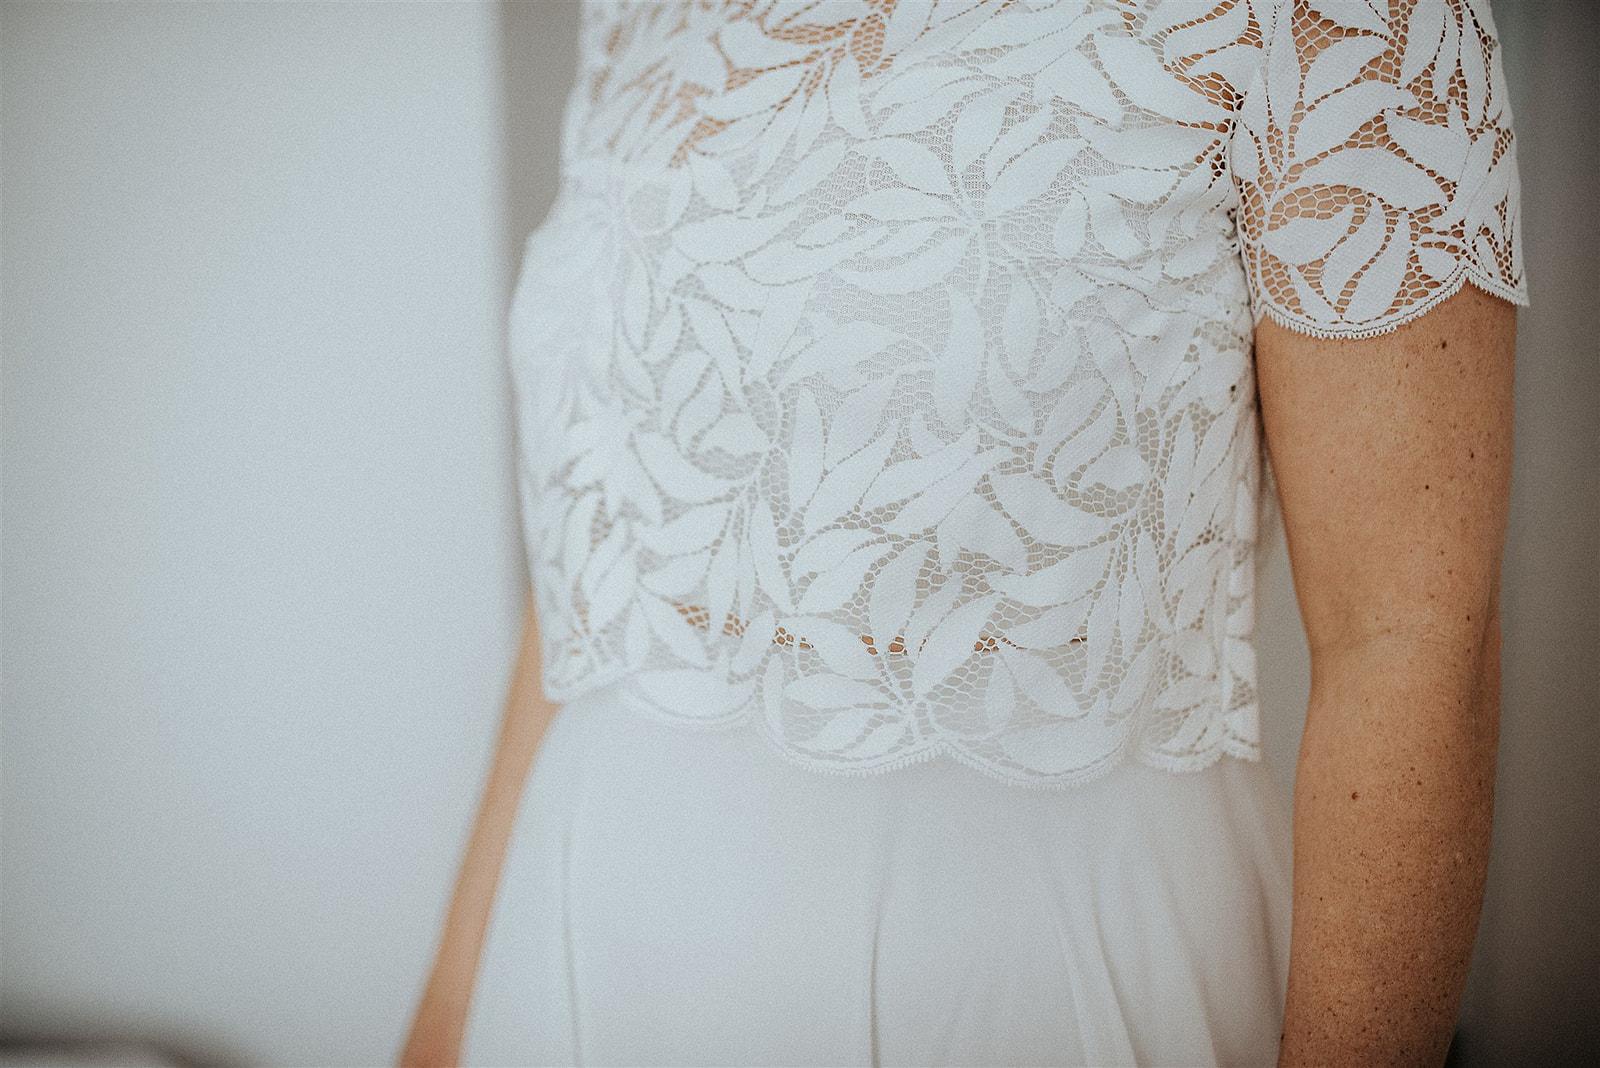 noni Brautmode, Getting Ready Shoot, kurzärmeliges Brauttop aus Spitze mit Blättermuster und Bogensaum, halb-transparent, Nahaufnahme